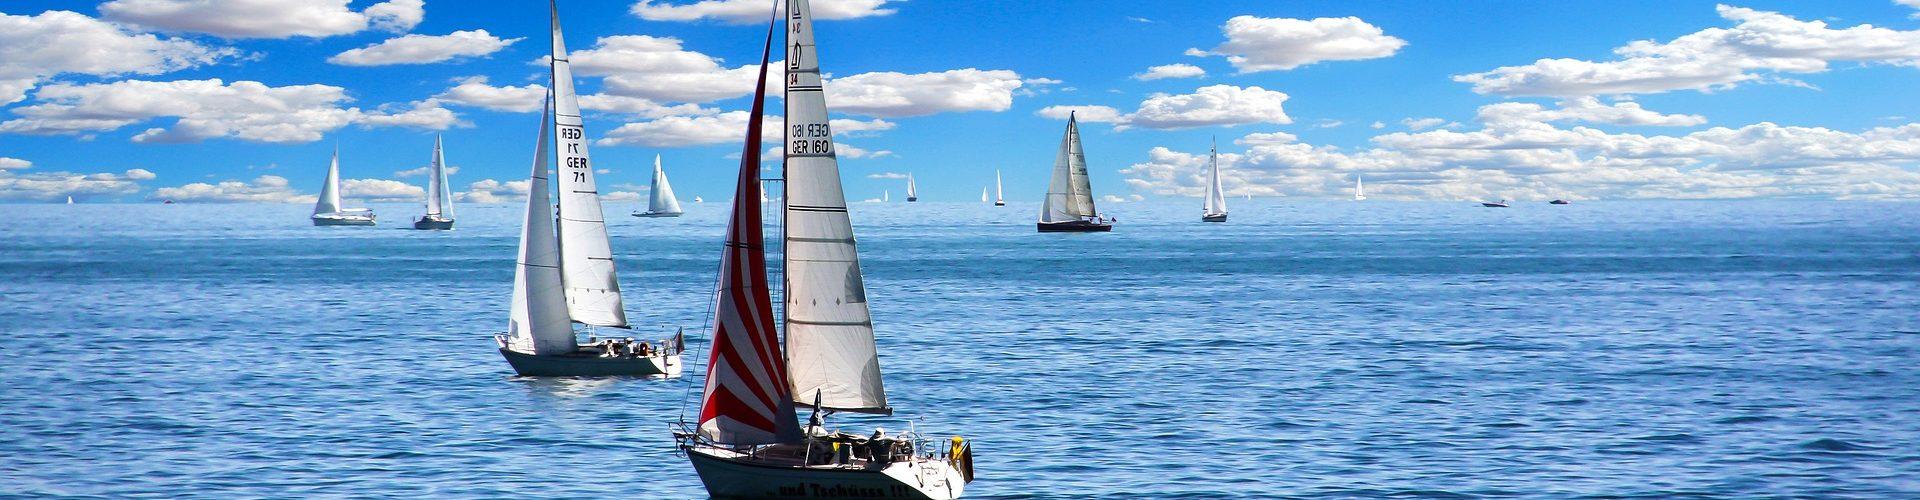 segeln lernen in Neuruppin segelschein machen in Neuruppin 1920x500 - Segeln lernen in Neuruppin